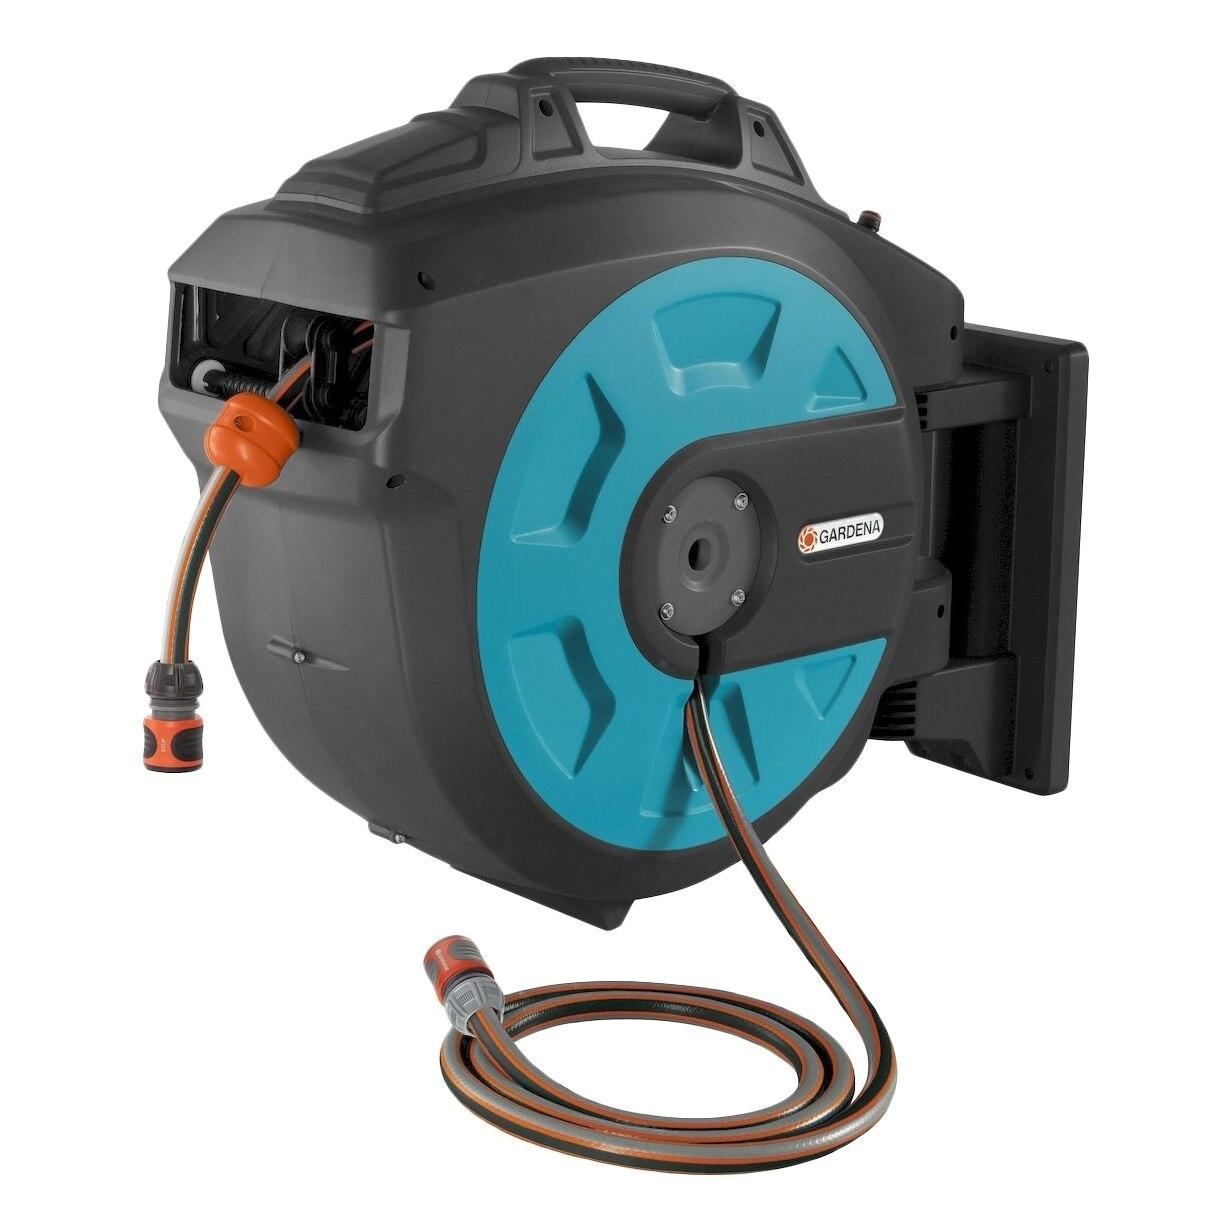 Coil garden hose GARDENA 08023-2000000 garden water connector gardena 2775 20